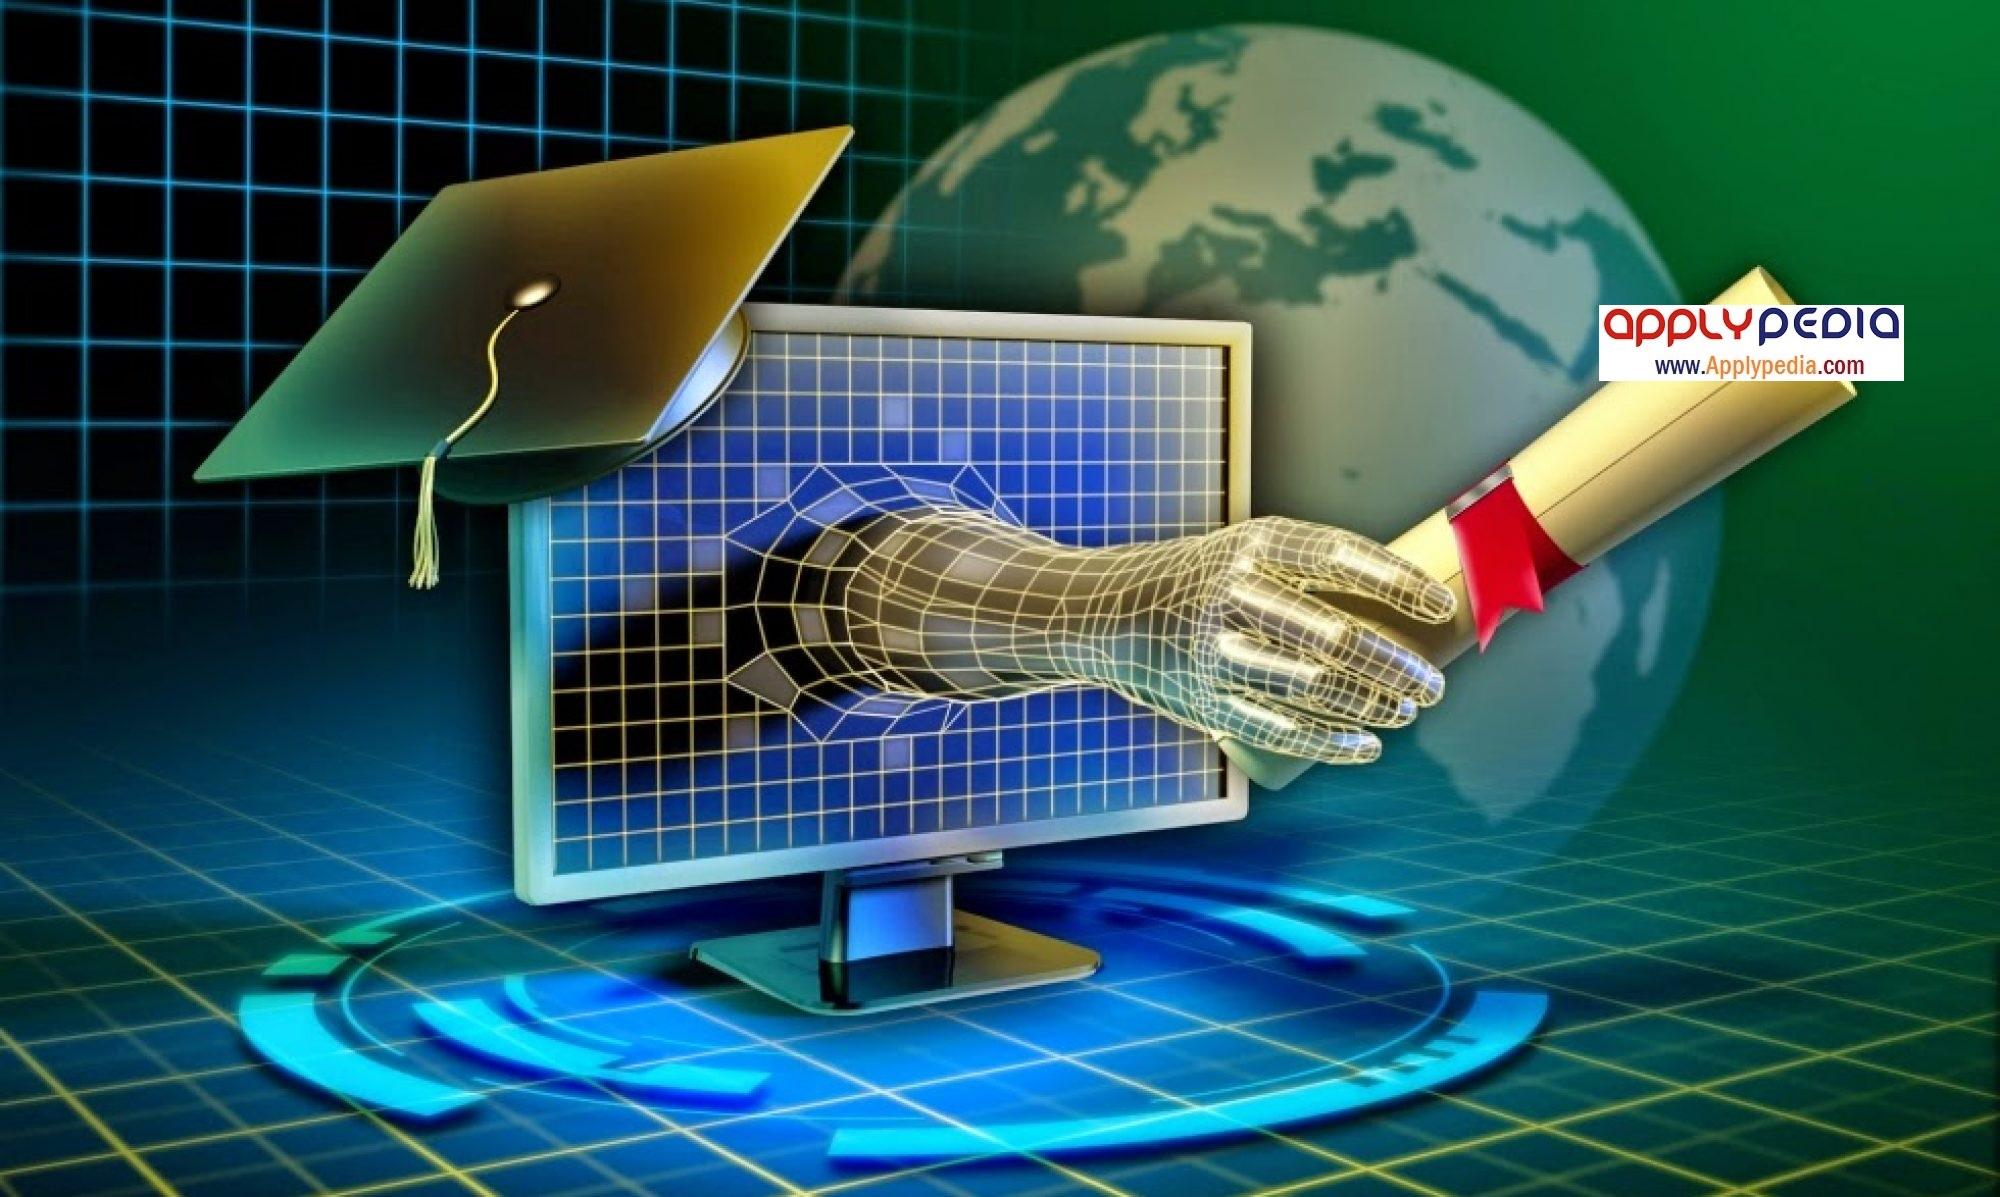 تحصیل آنلاین مهندسی مکانیک، تحصیلات بین المللی مهندسی مکانیک